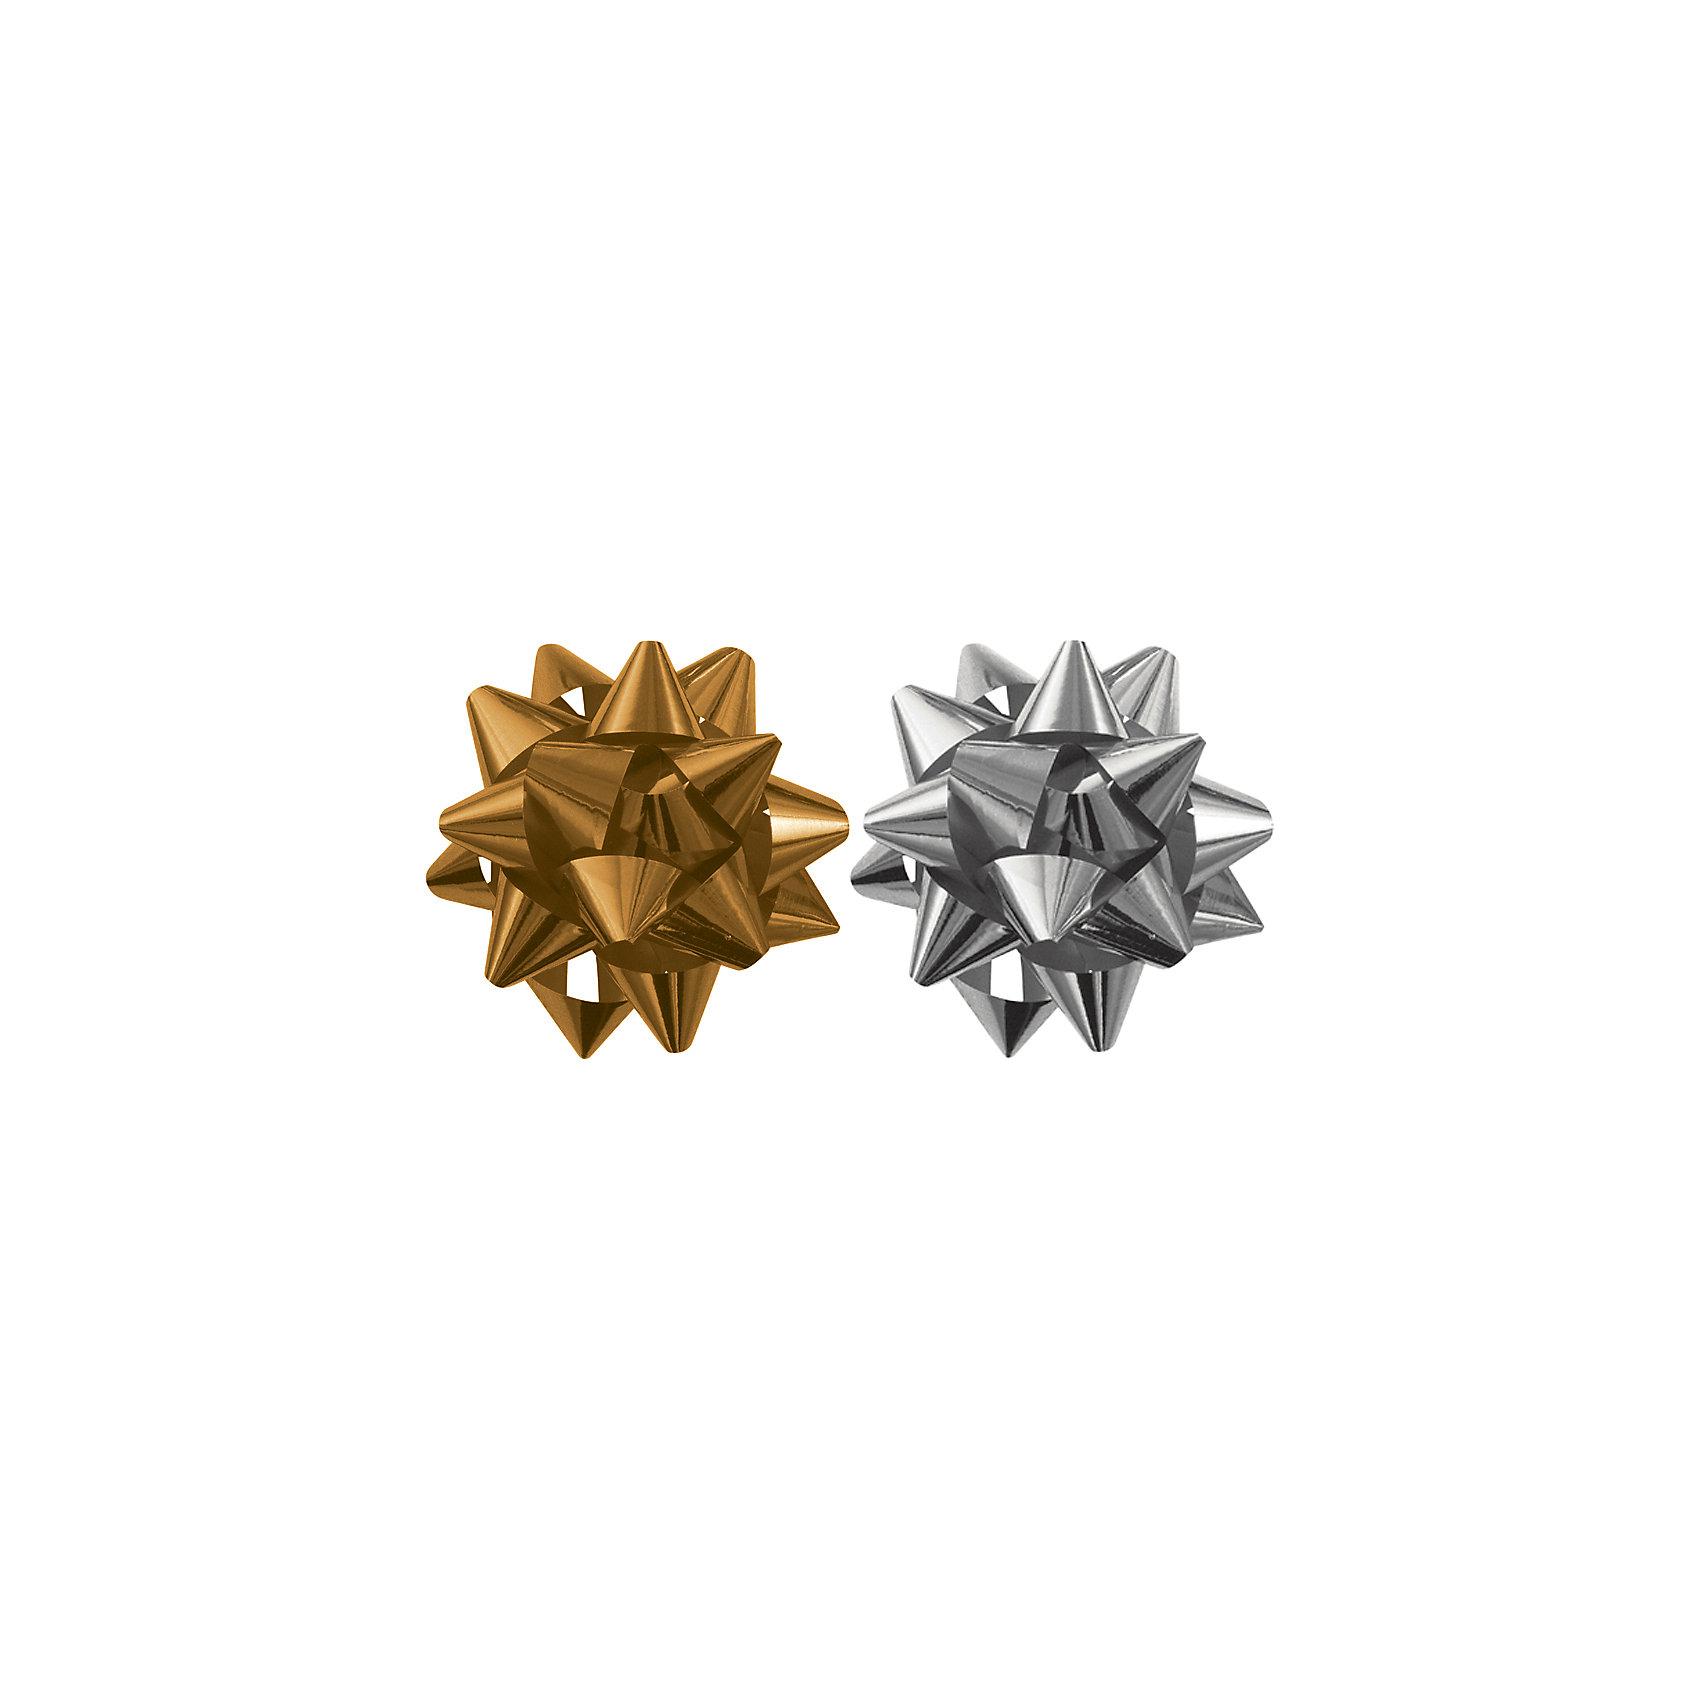 Бант-звезда, 2 штуки в PP пакете (золотой, серебряный). от myToys